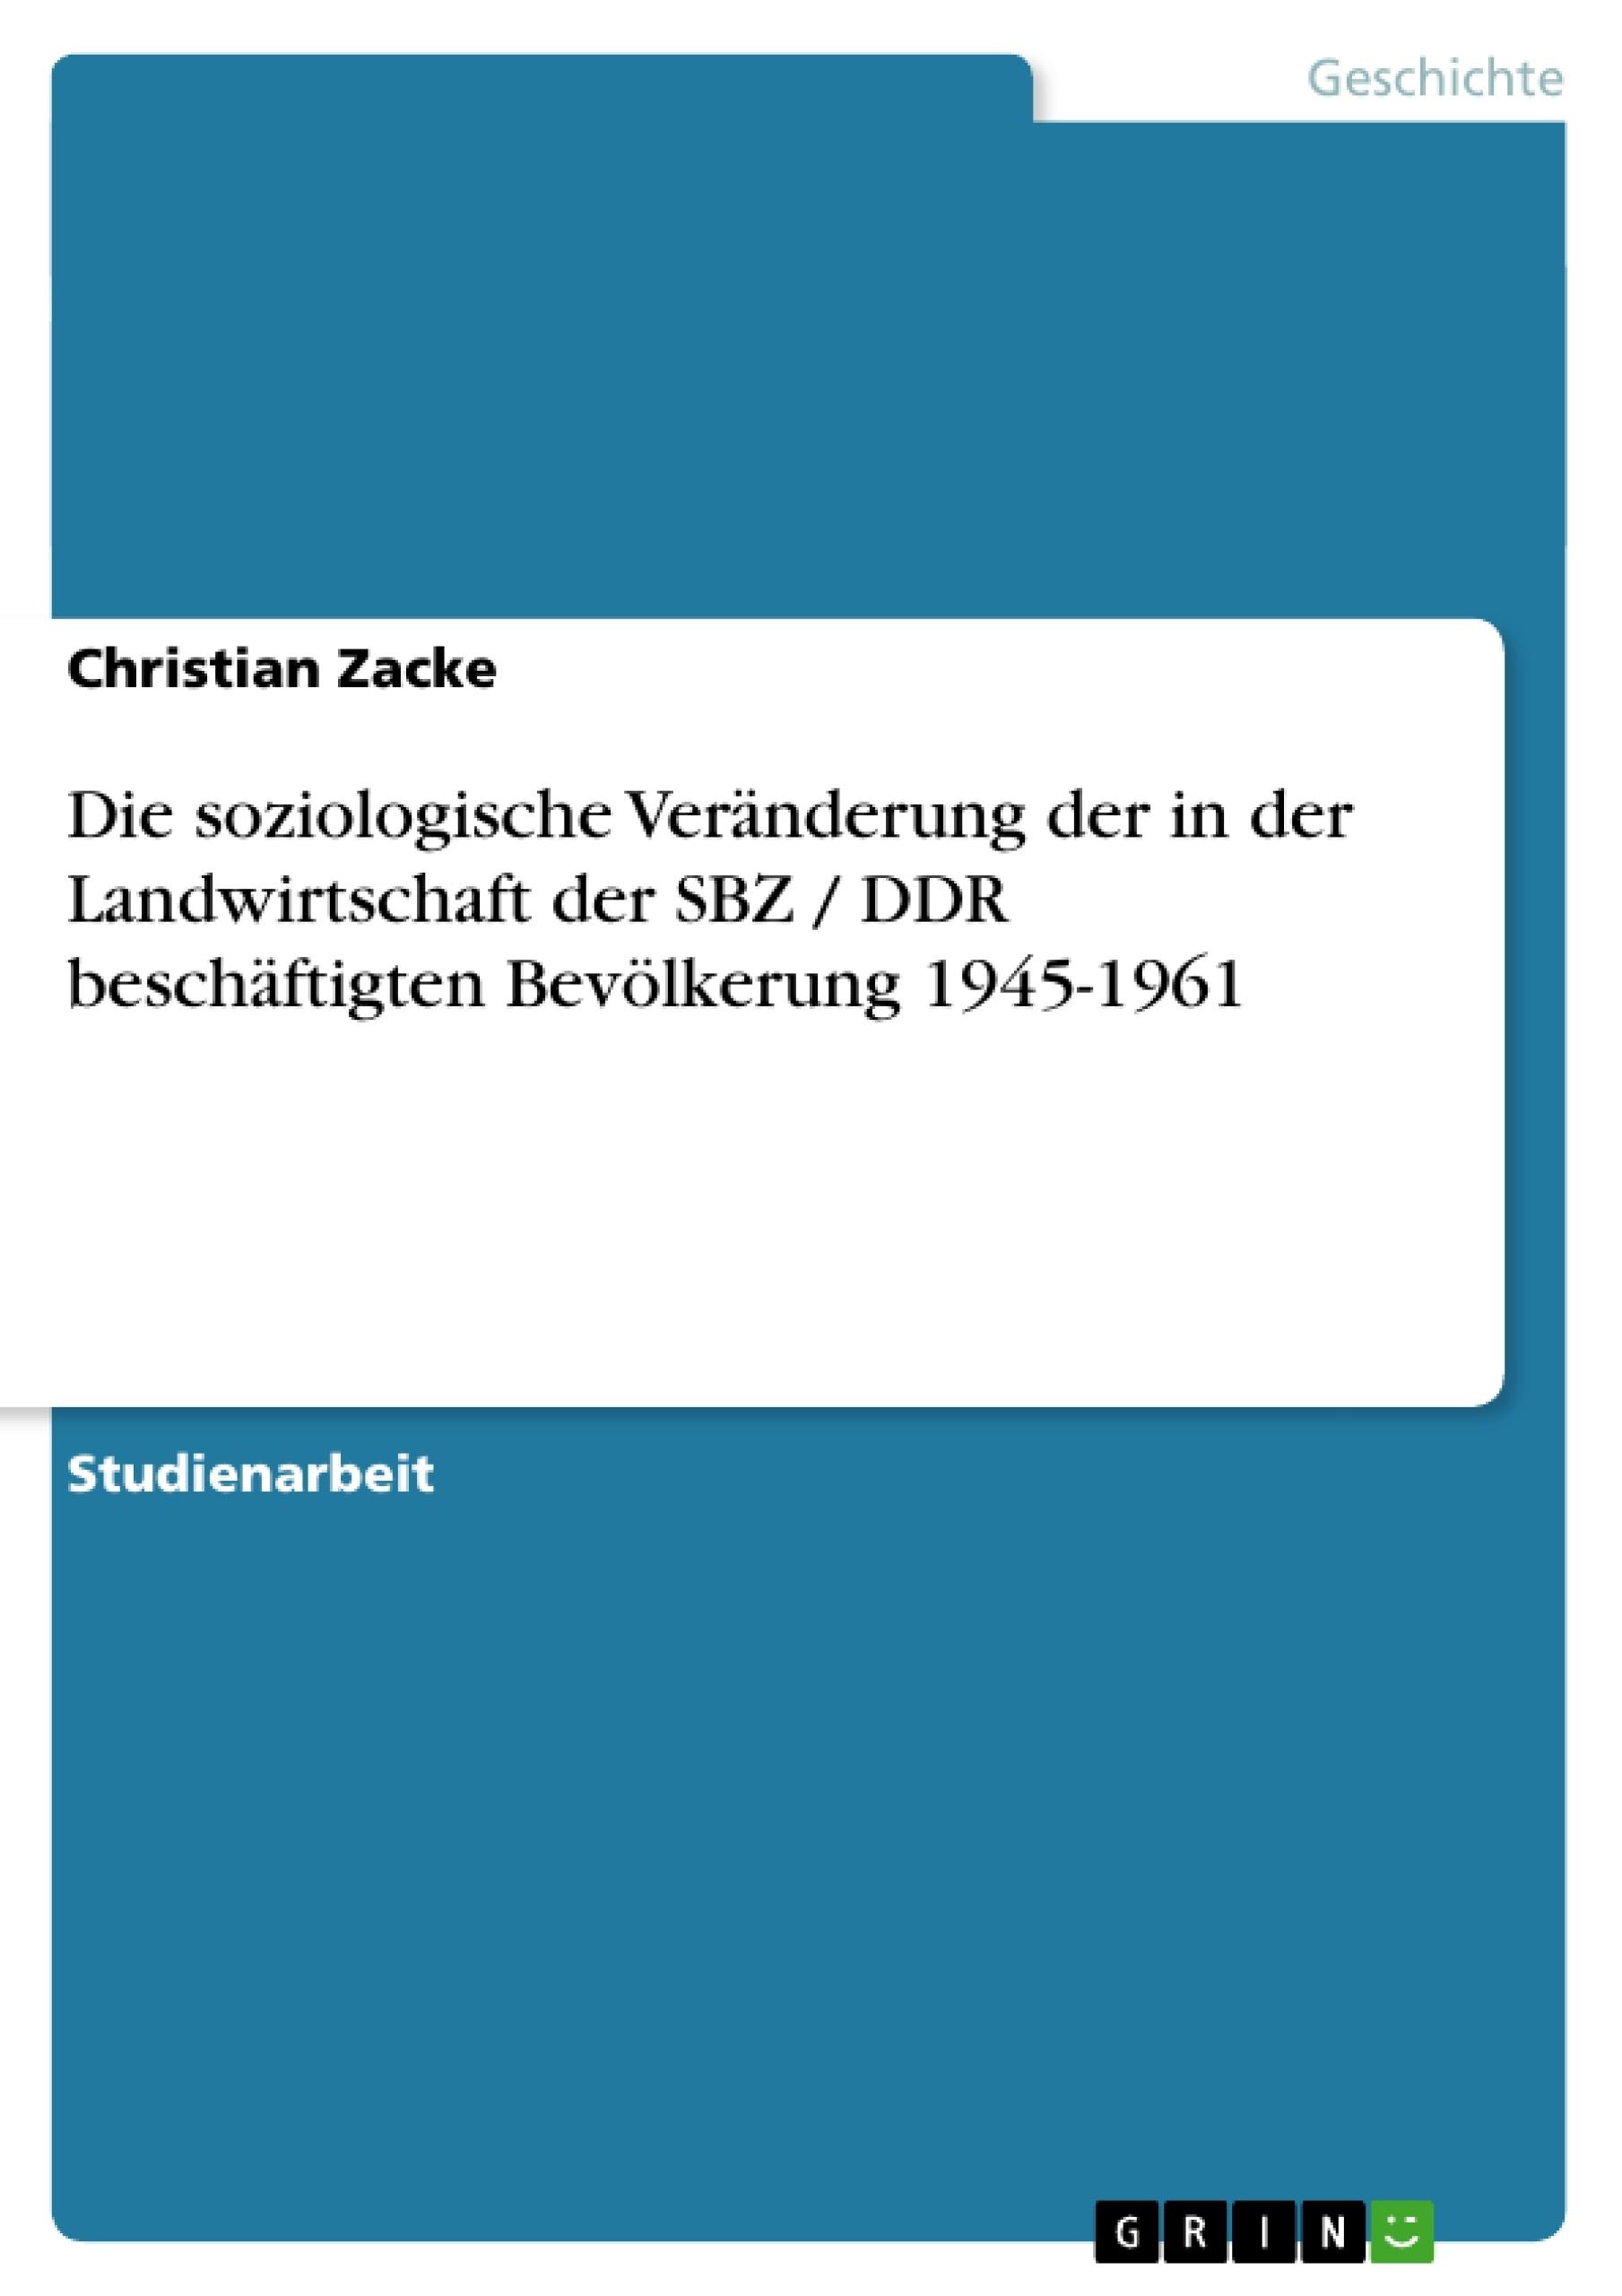 Titel: Die soziologische Veränderung der in der Landwirtschaft der SBZ / DDR beschäftigten Bevölkerung 1945-1961